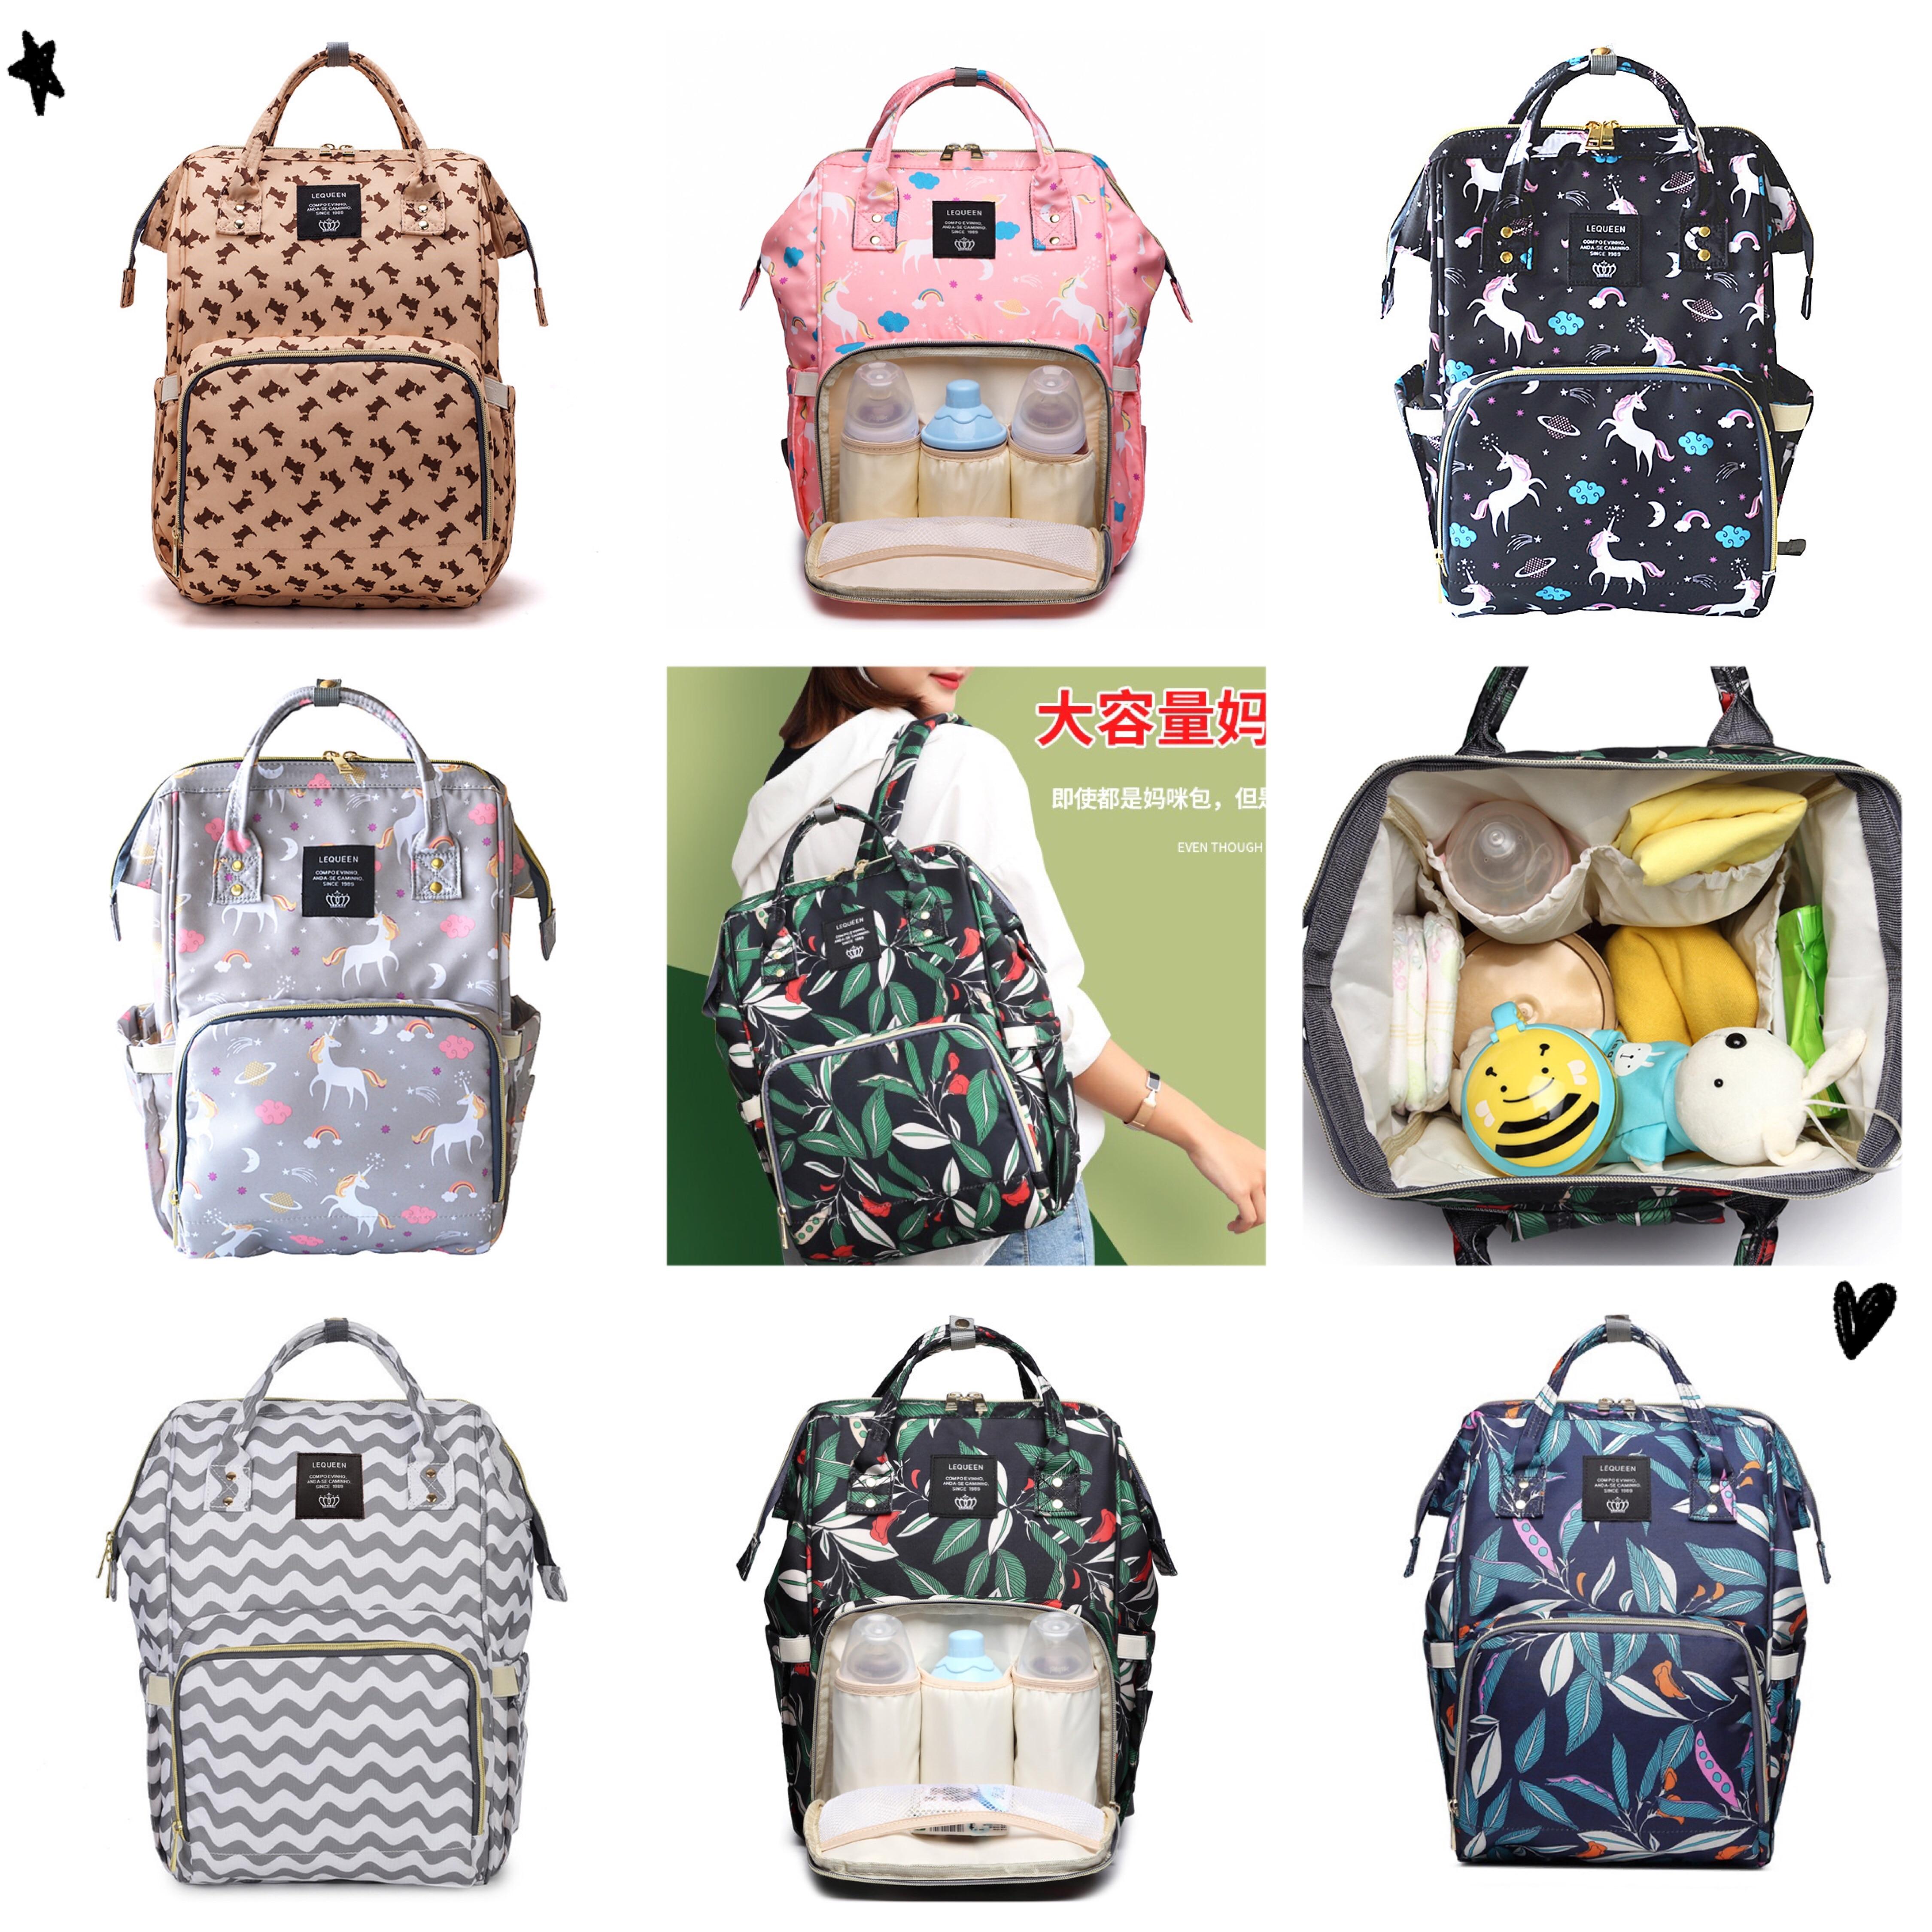 26*17*40cm Oxford Cloth Mother And Baby Backpack Shoulder Diaper Waterproof Baby Travel Backpack Nursing Bag For Mother Handbag